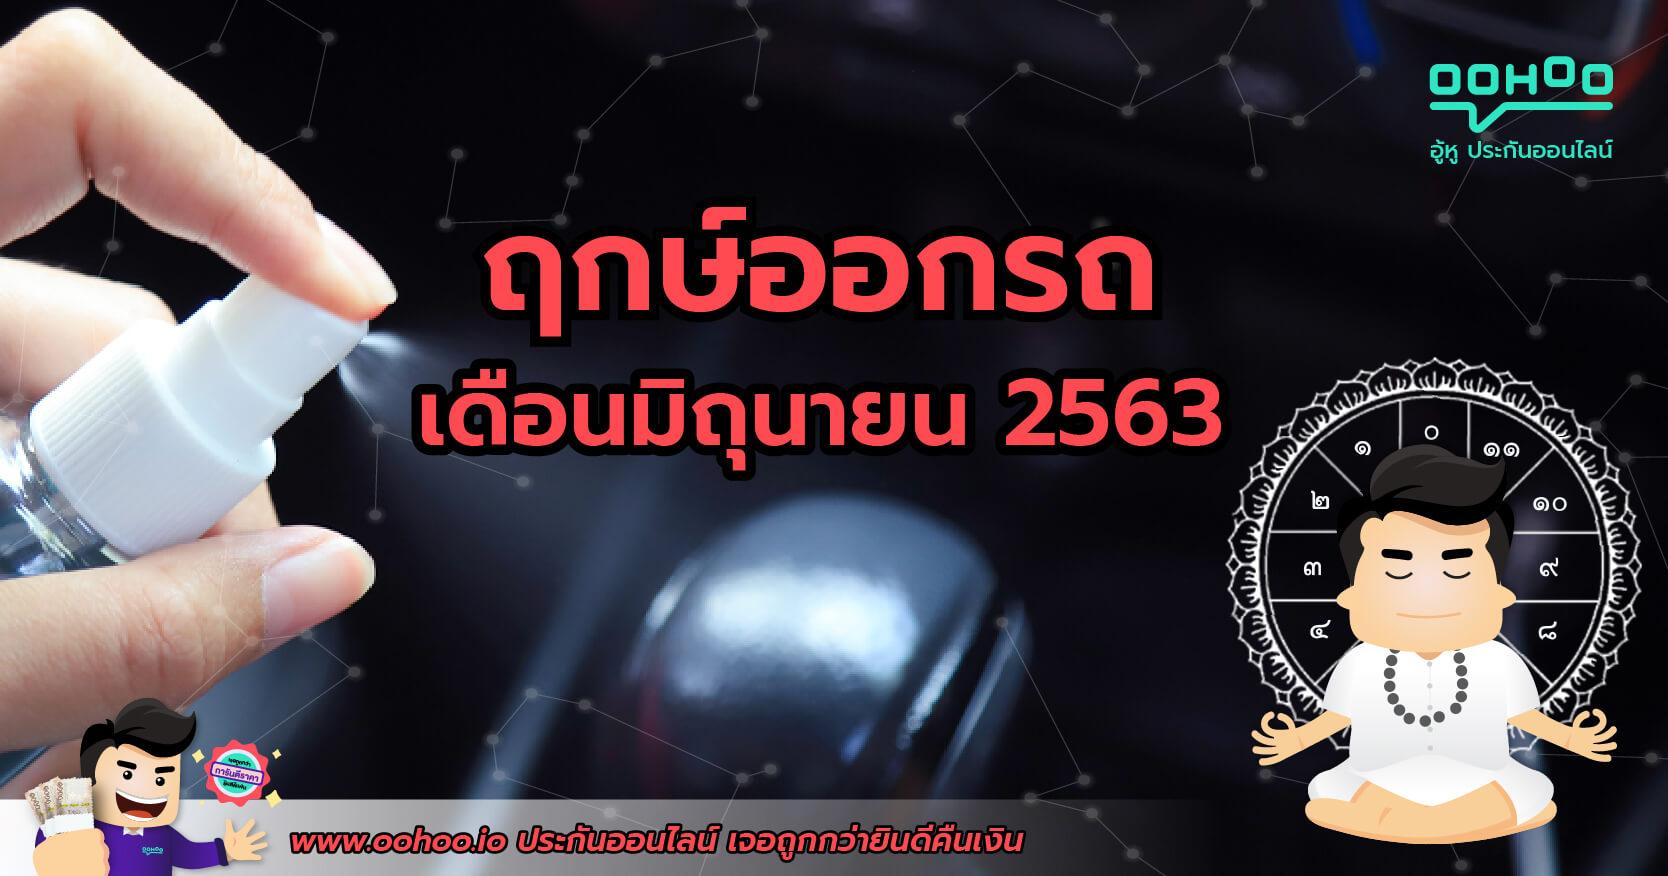 ฤกษ์ออกรถเดือนมิถุนายน 2563